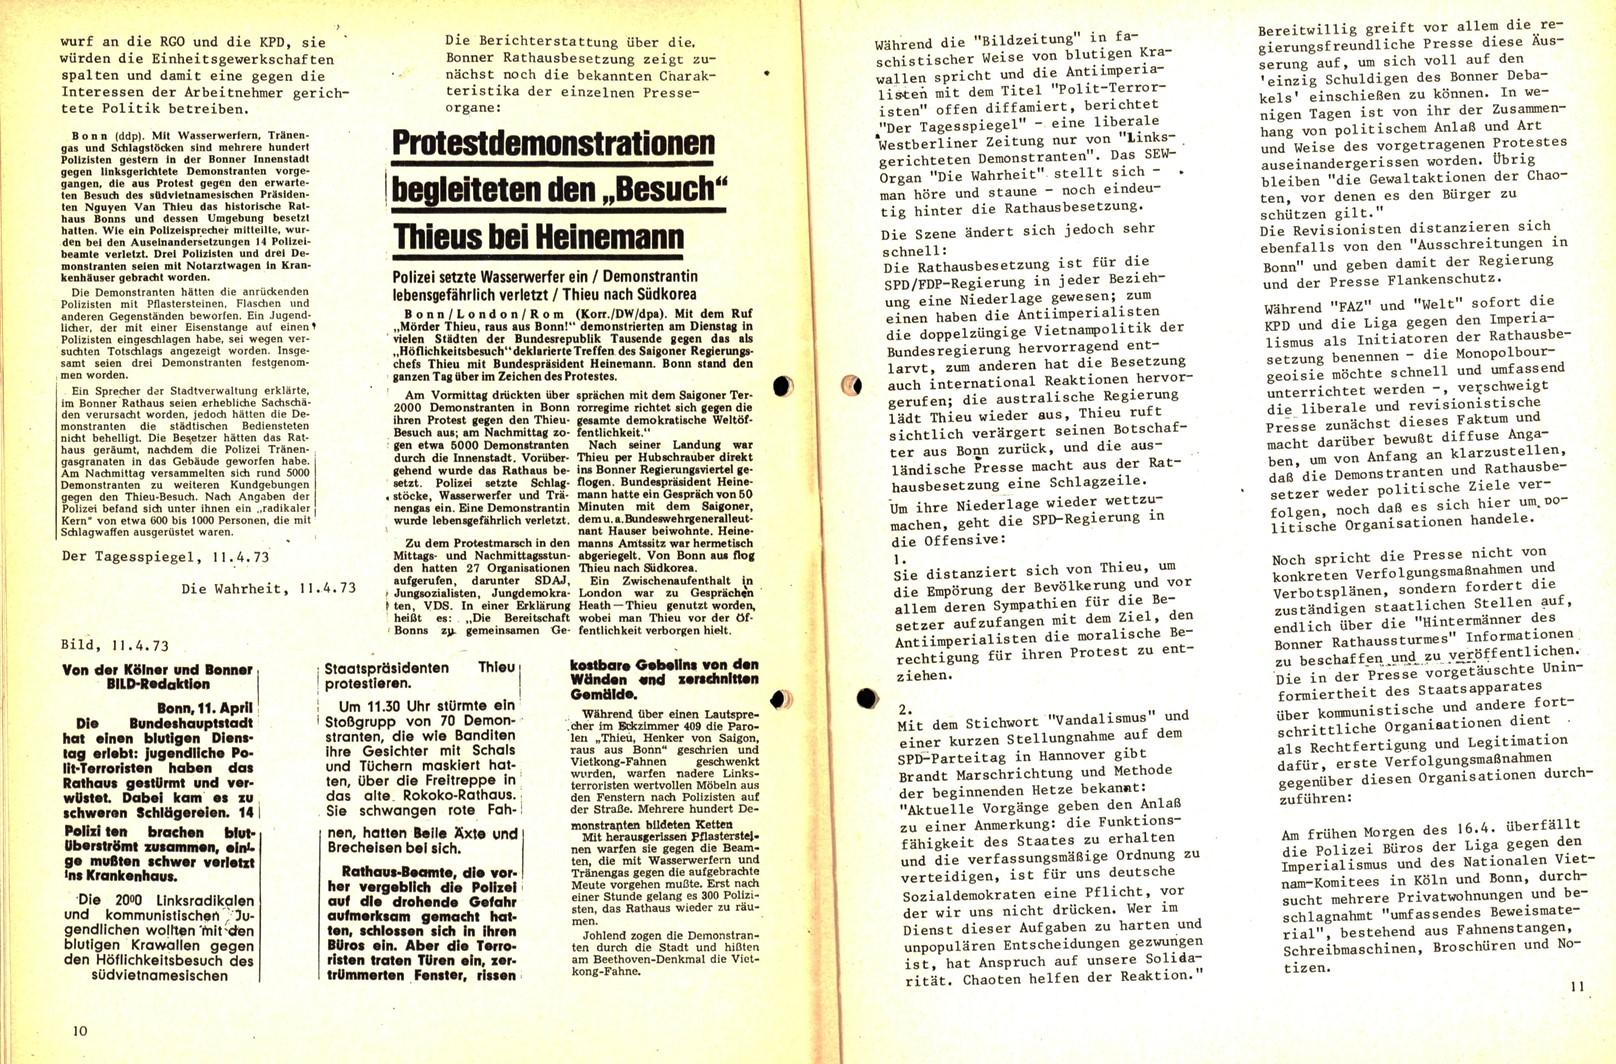 Komitee_Haende_weg_von_der_KPD_1973_Polizeijournalismus_06